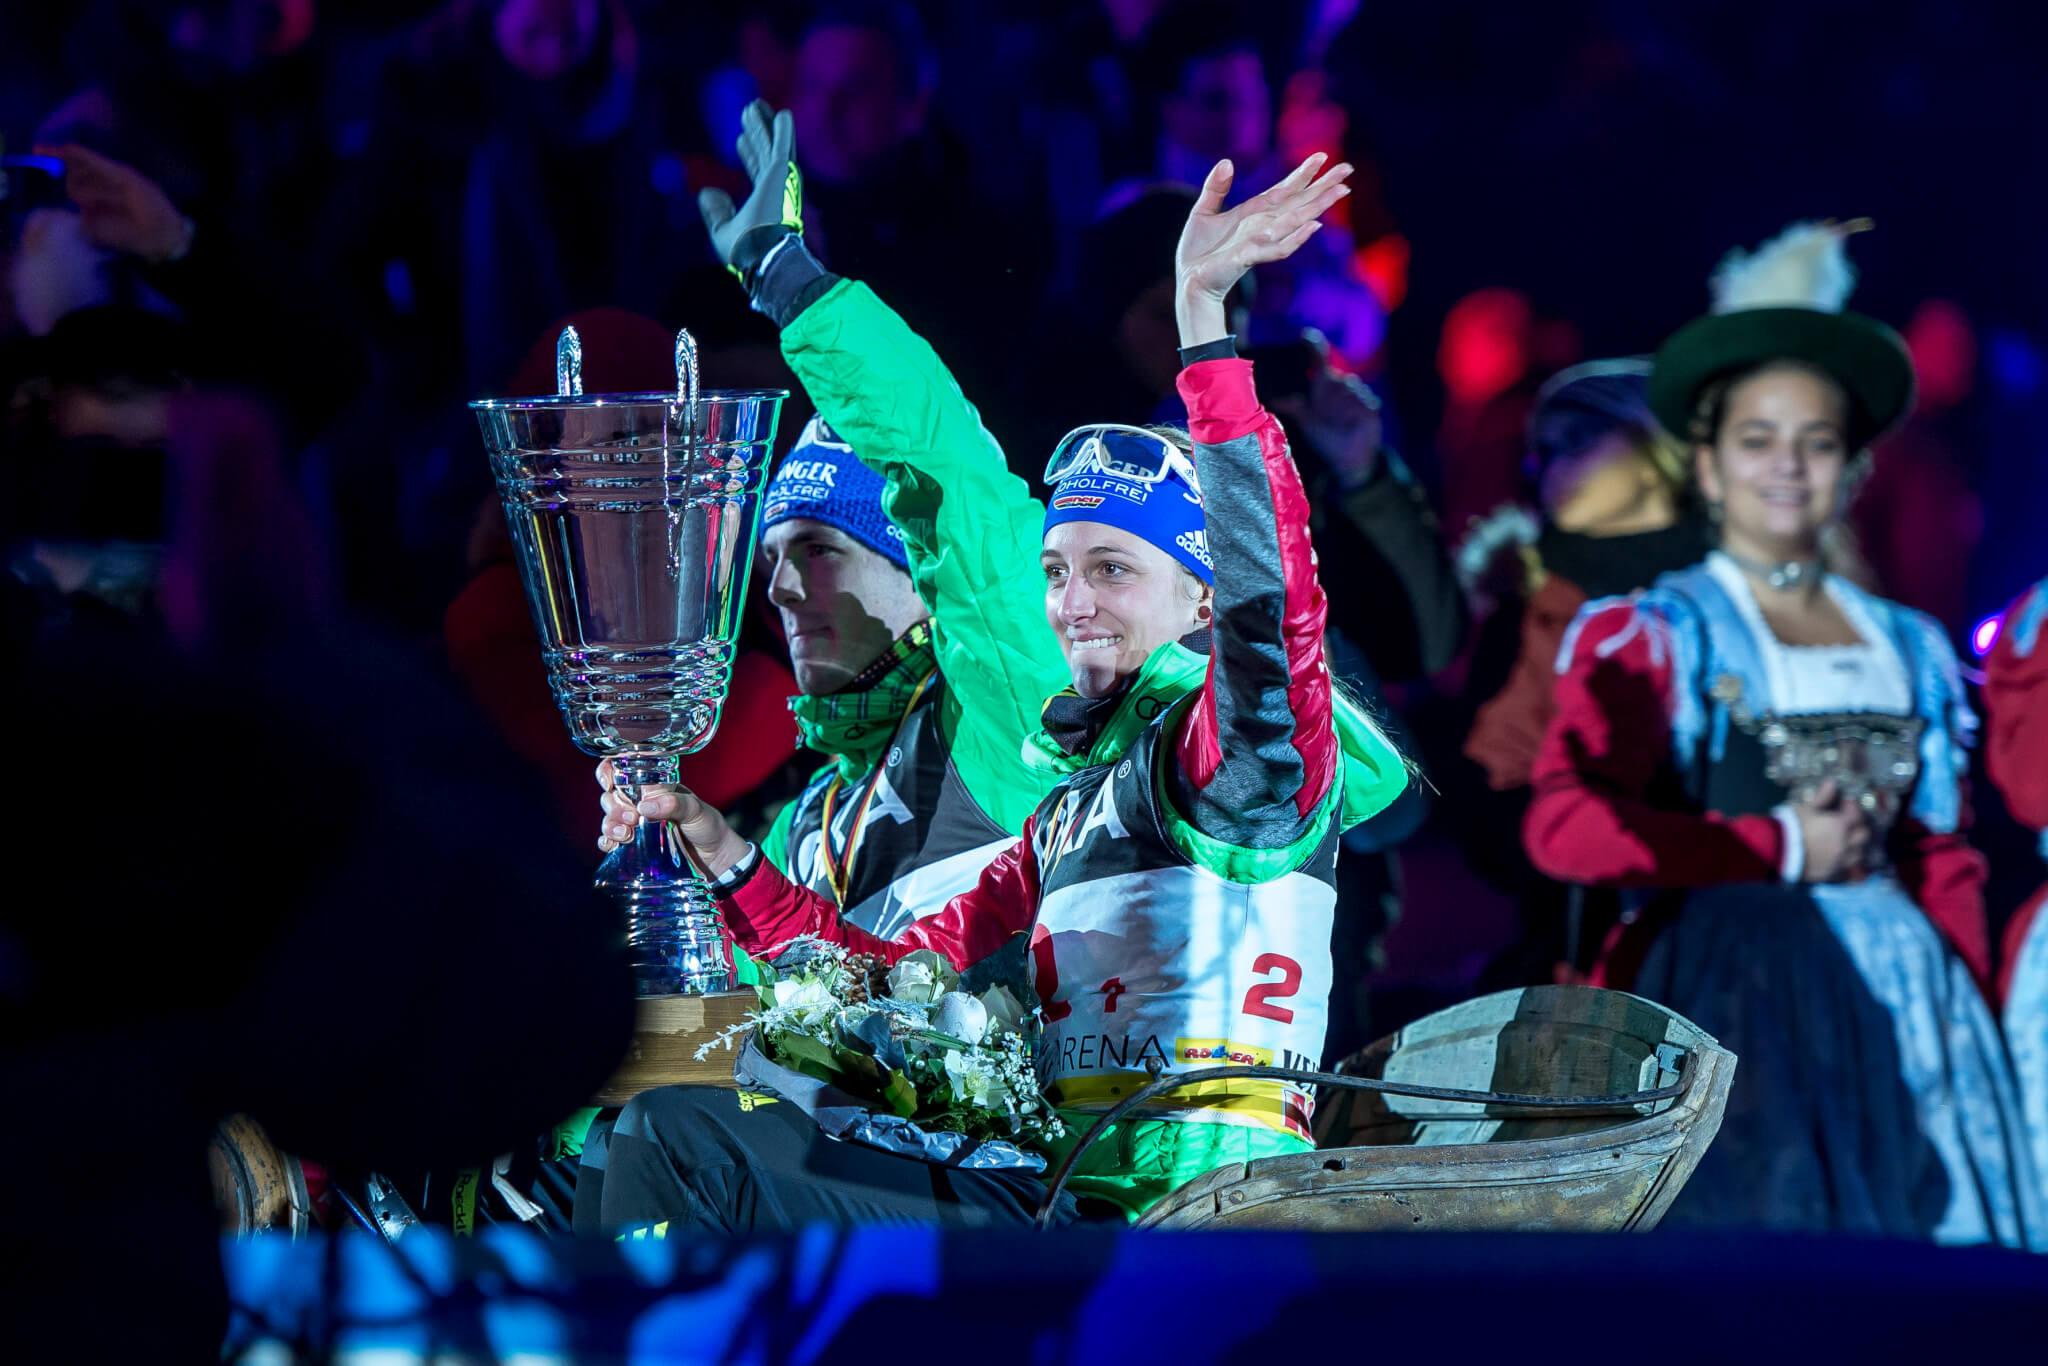 biathlon team deutschland